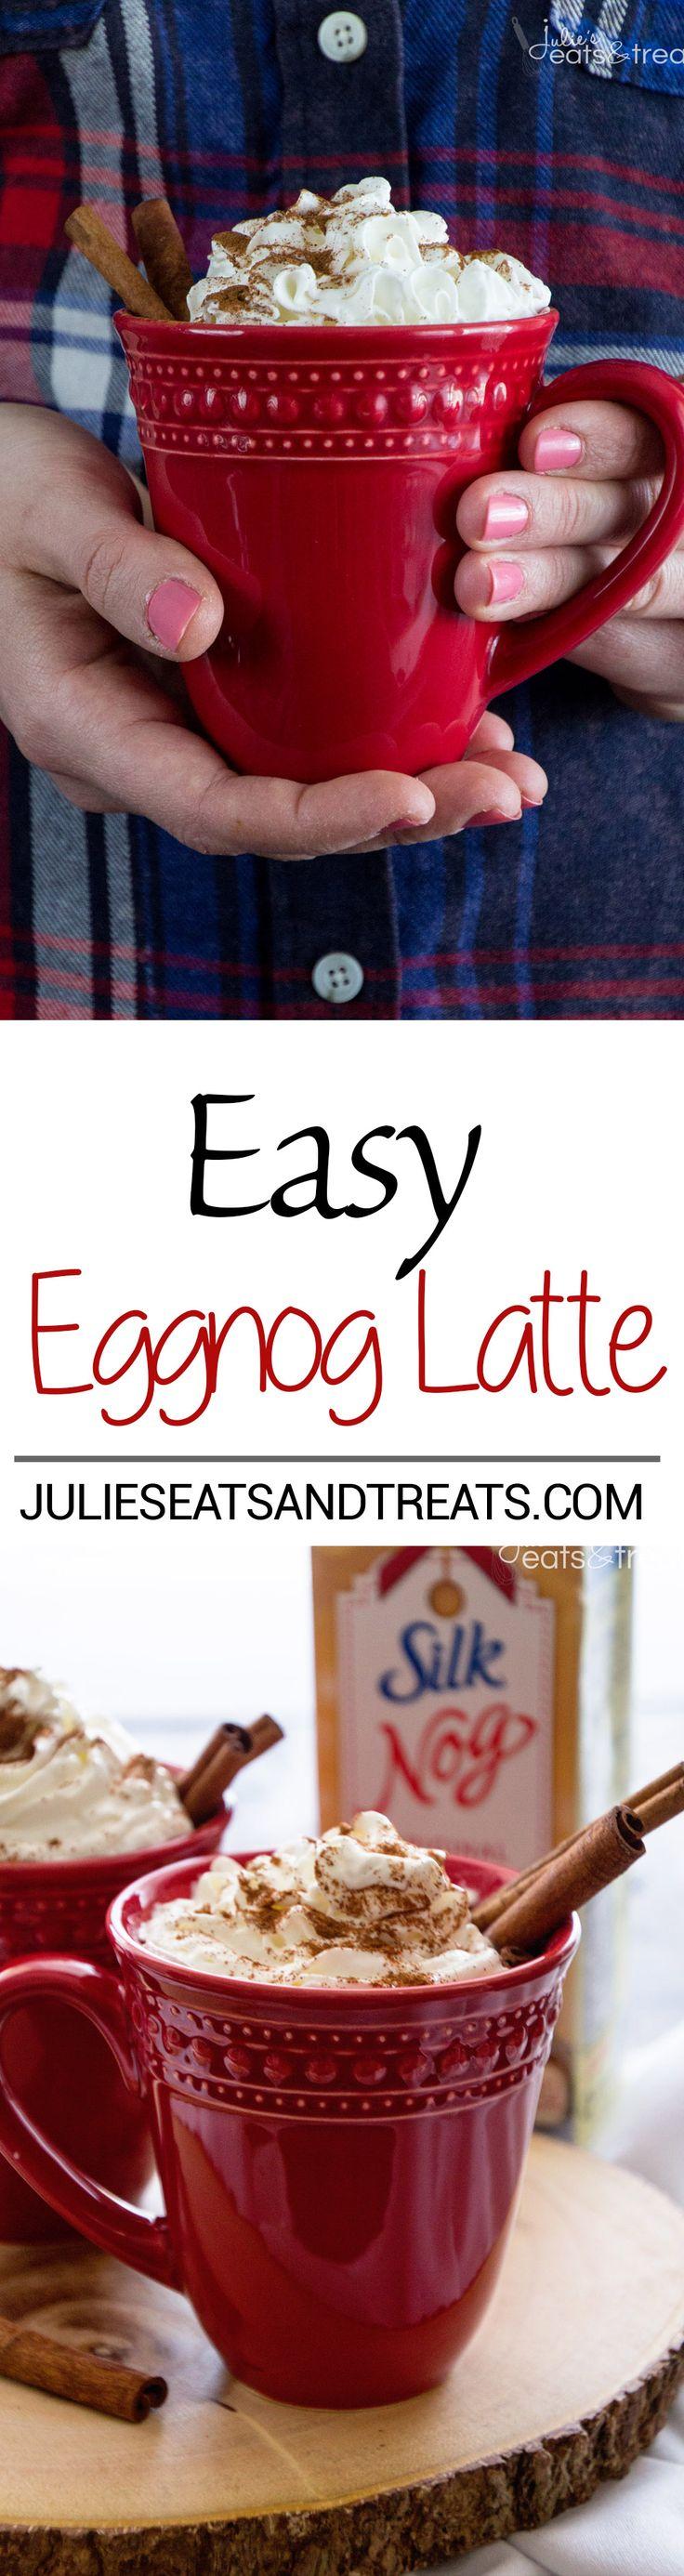 1000 ideas about recipe for eggnog on pinterest eggnog fudge eggnog cookies and egg nog - Traditional eggnog recipe holidays ...